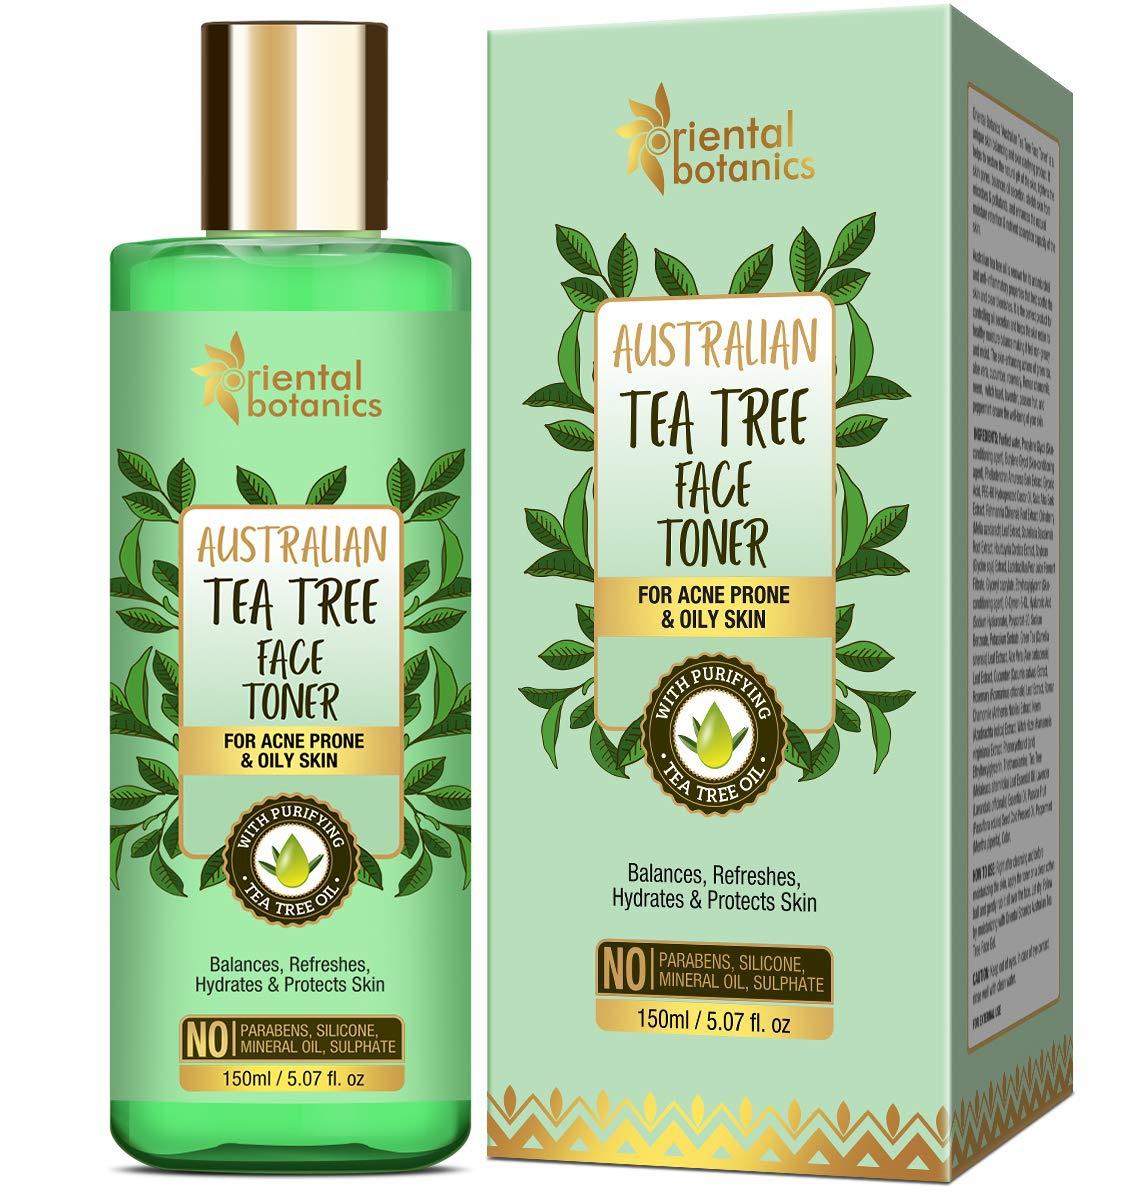 Oriental Botanics Tea Tree Toner